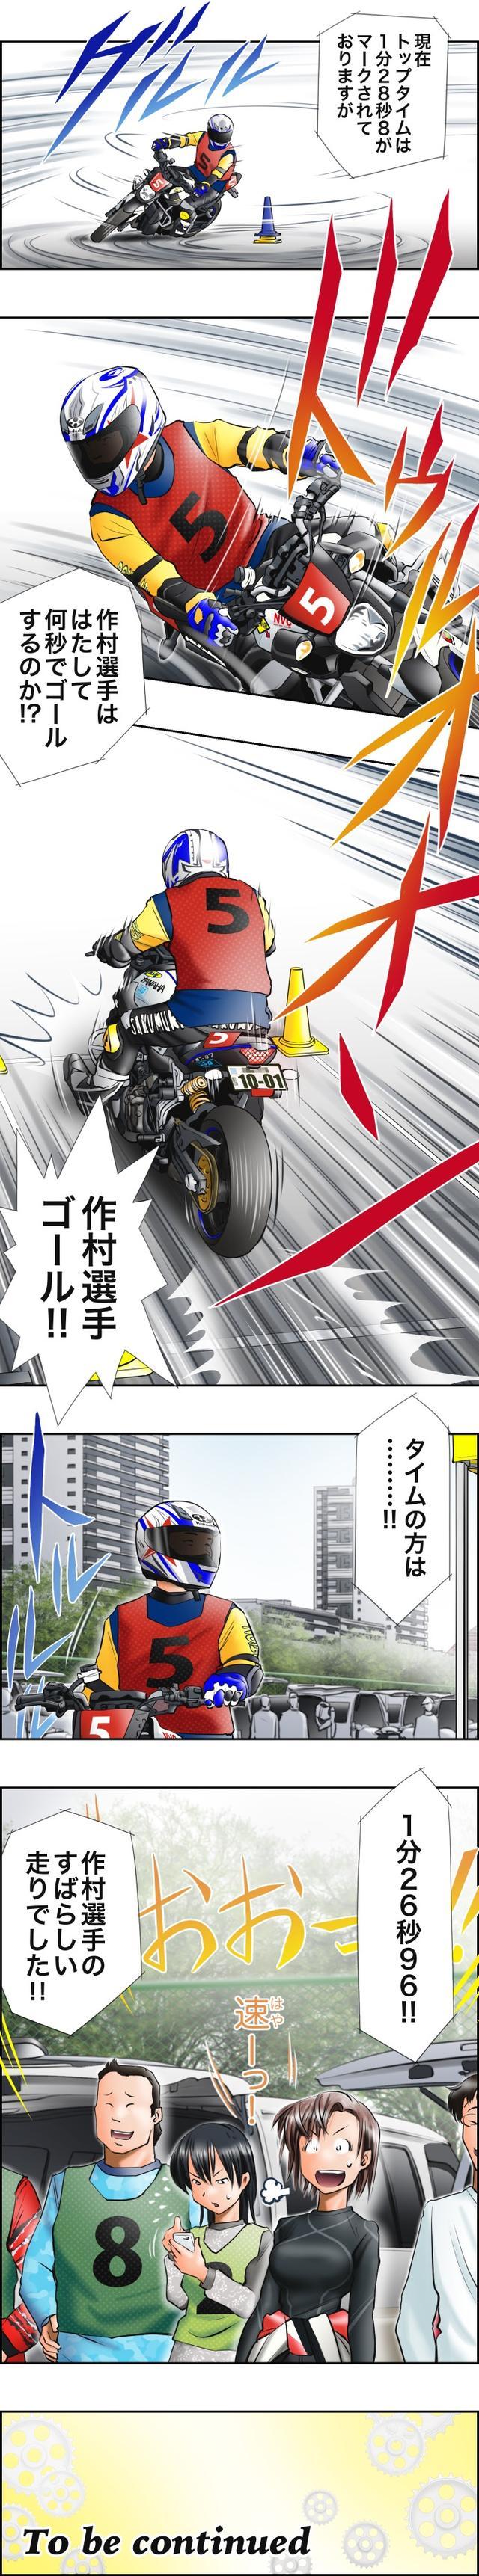 画像7: 「5」の付く日は「Motoジム!の日」!